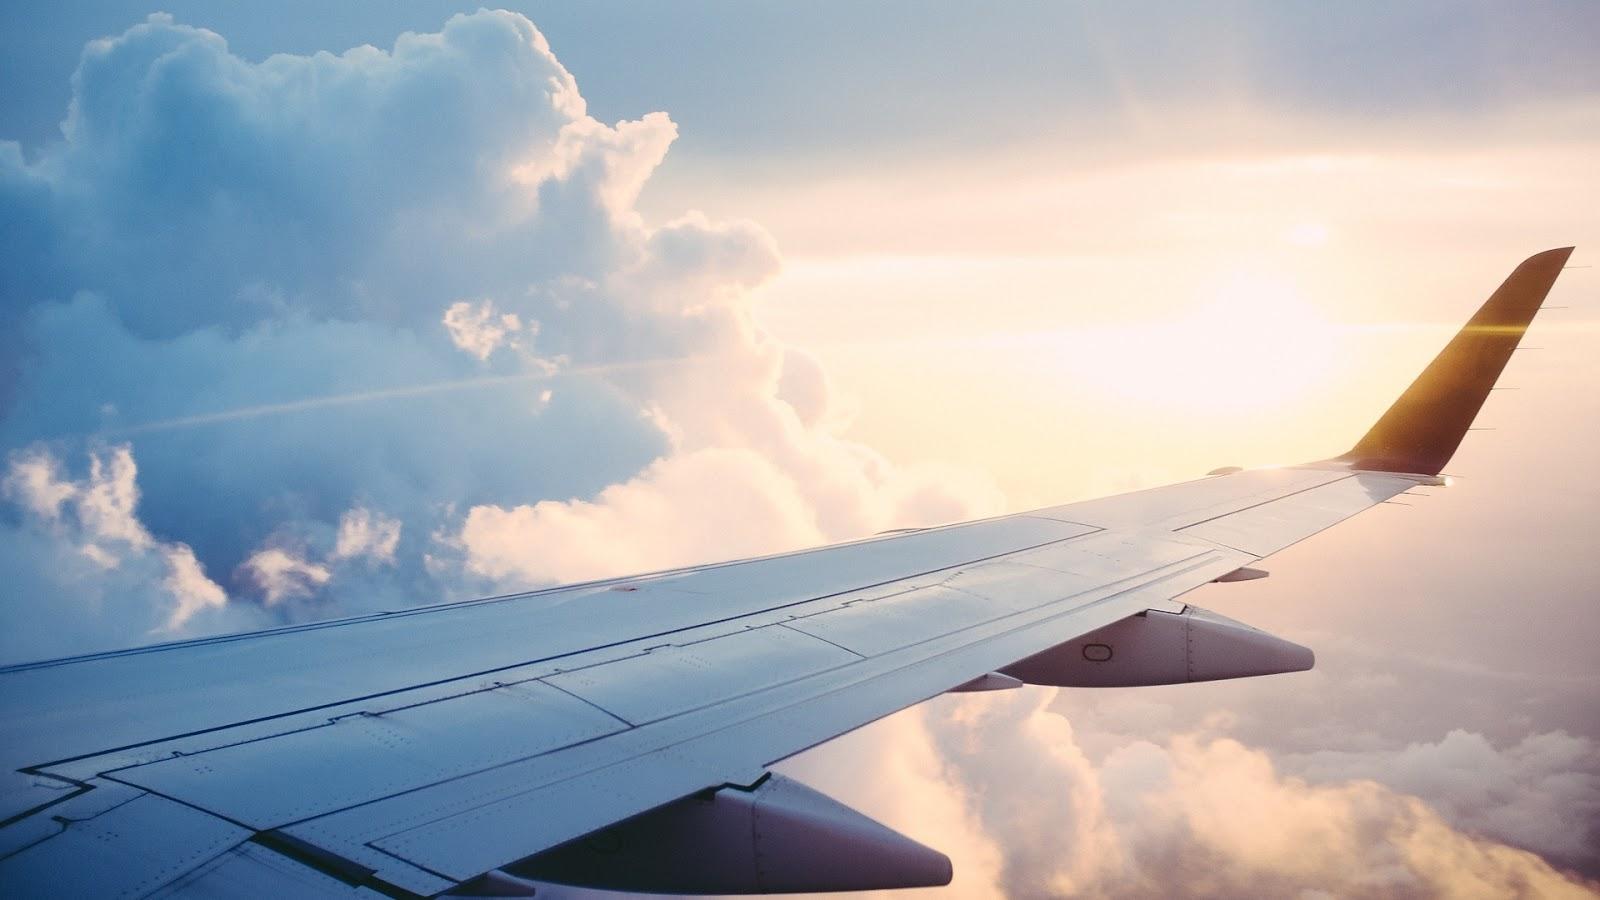 10 kosmetyków do zabrania na wakacje! Jakie kosmetyki spakować do samolotu? Moja urlopowa kosmetyczka.